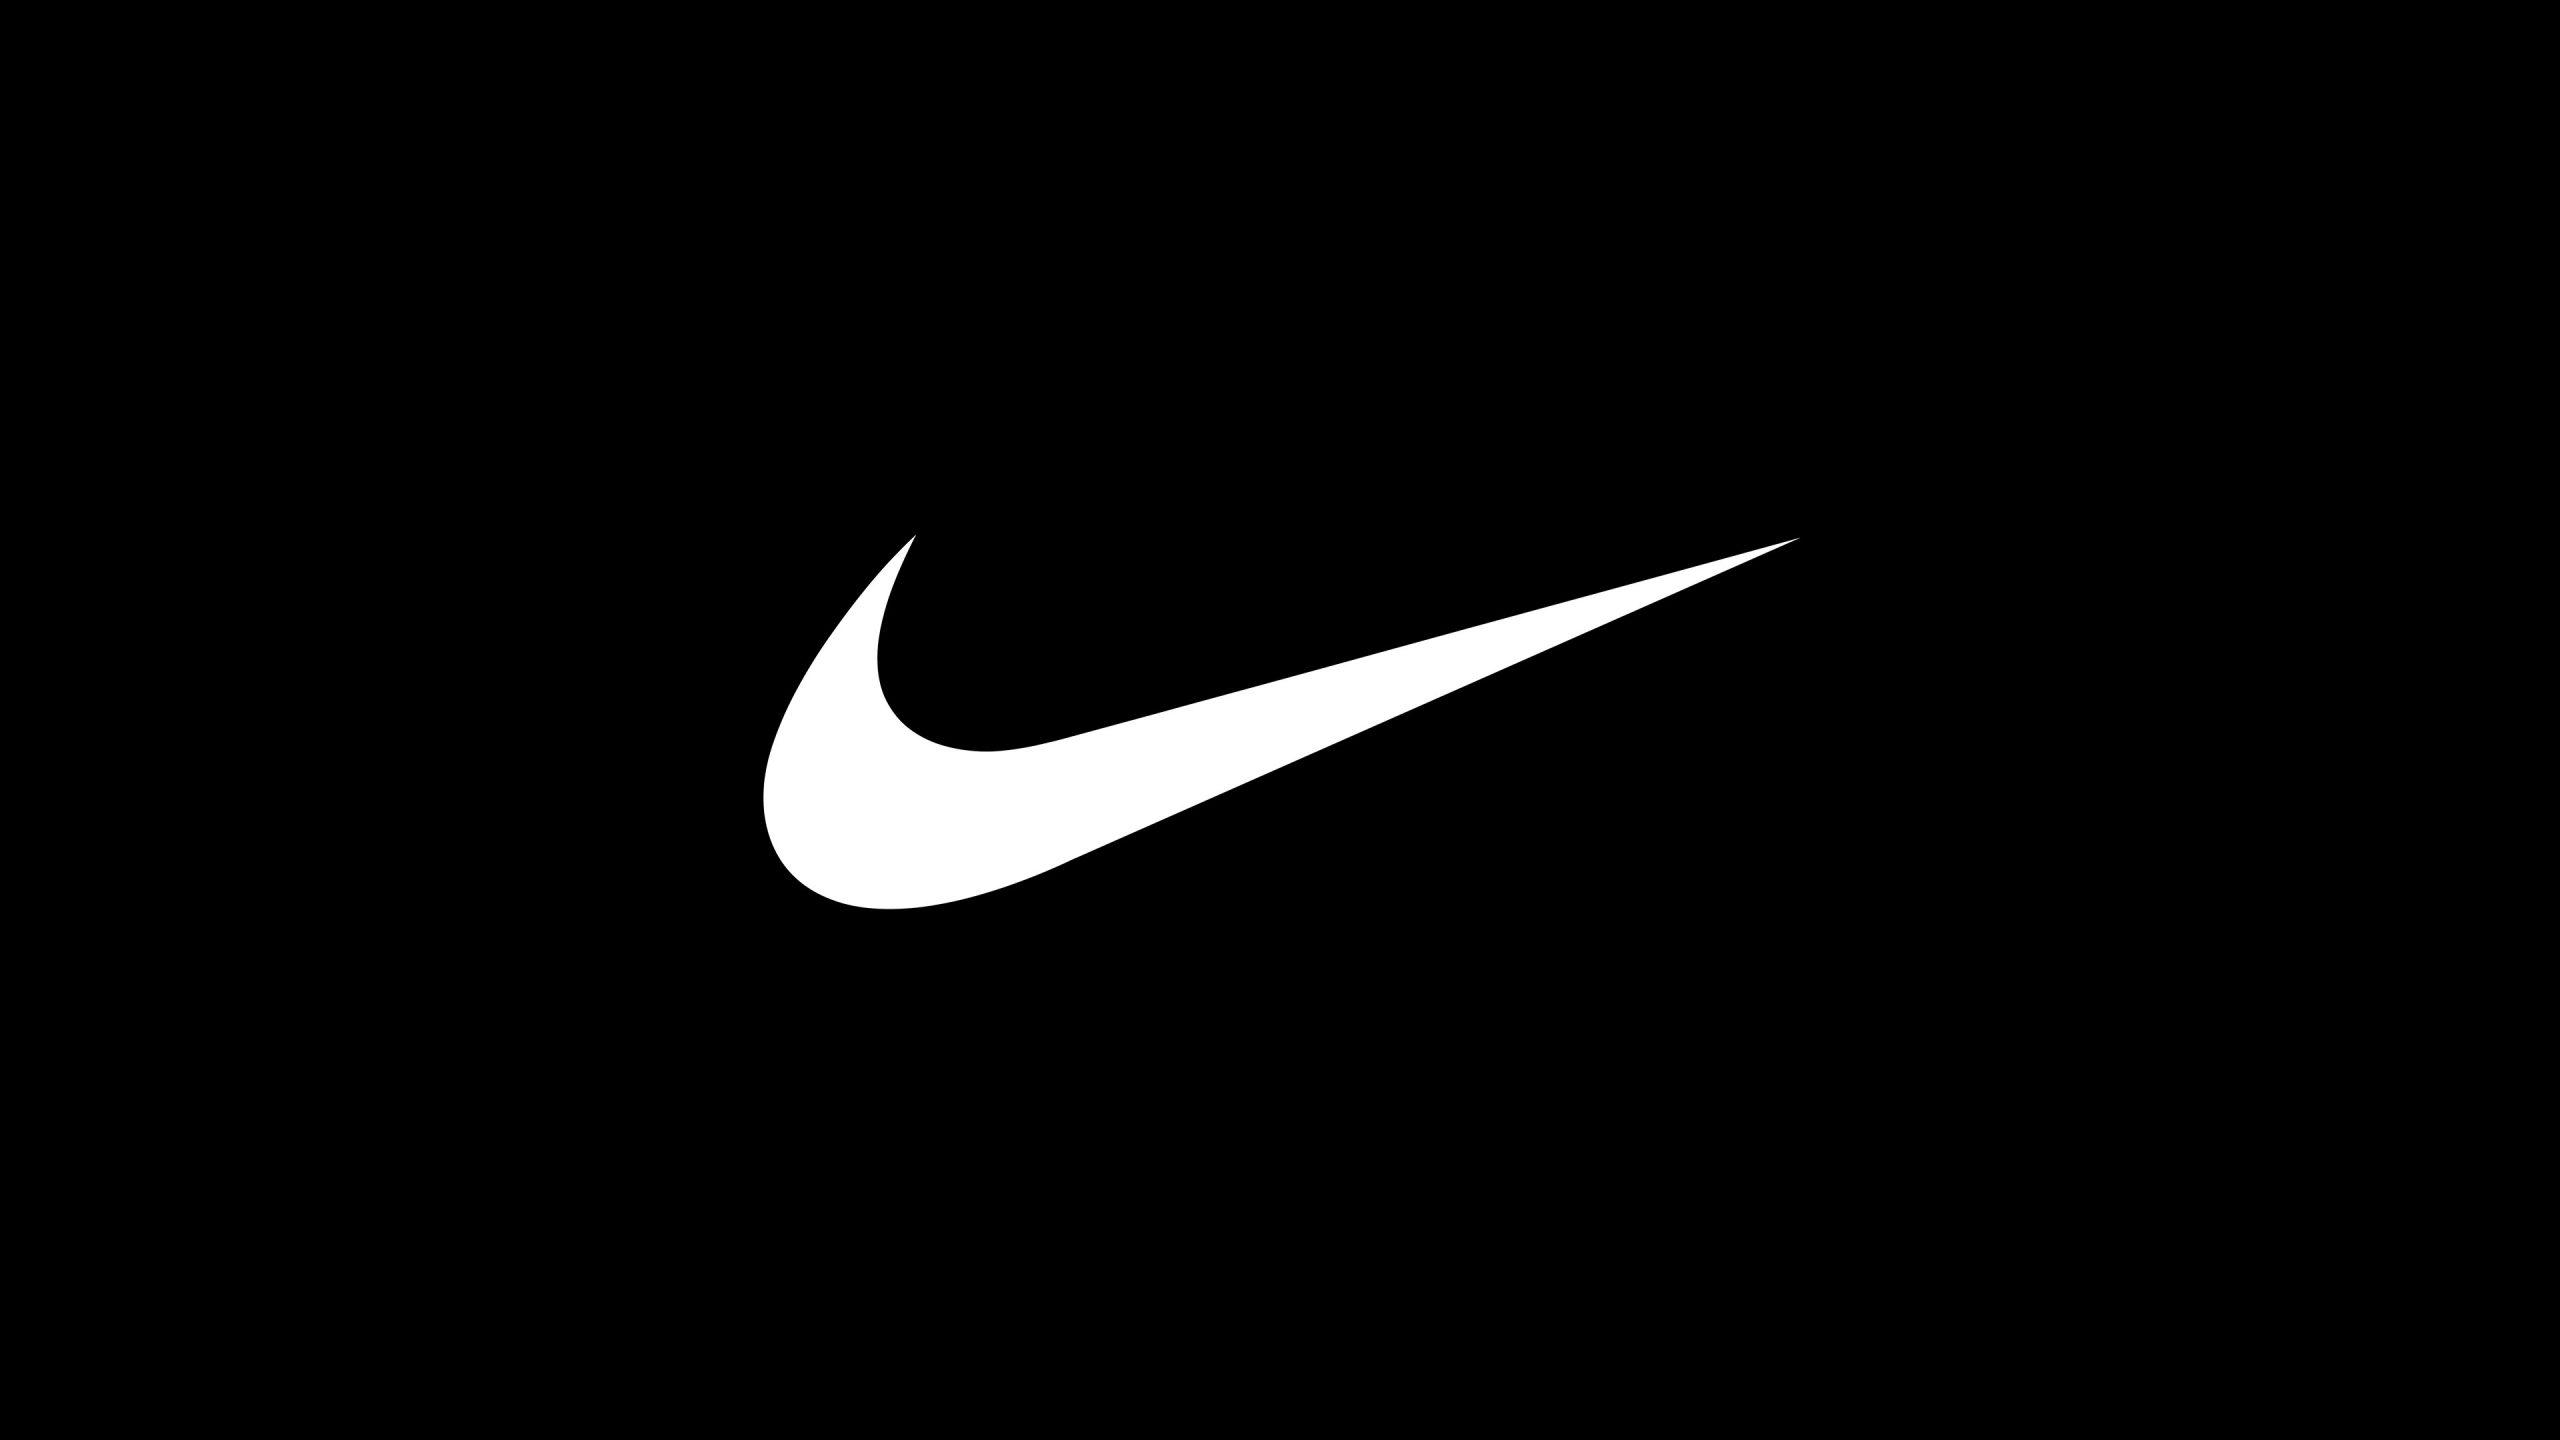 Nike ofreció una semana de descanso a sus empleados por estrés pandémico